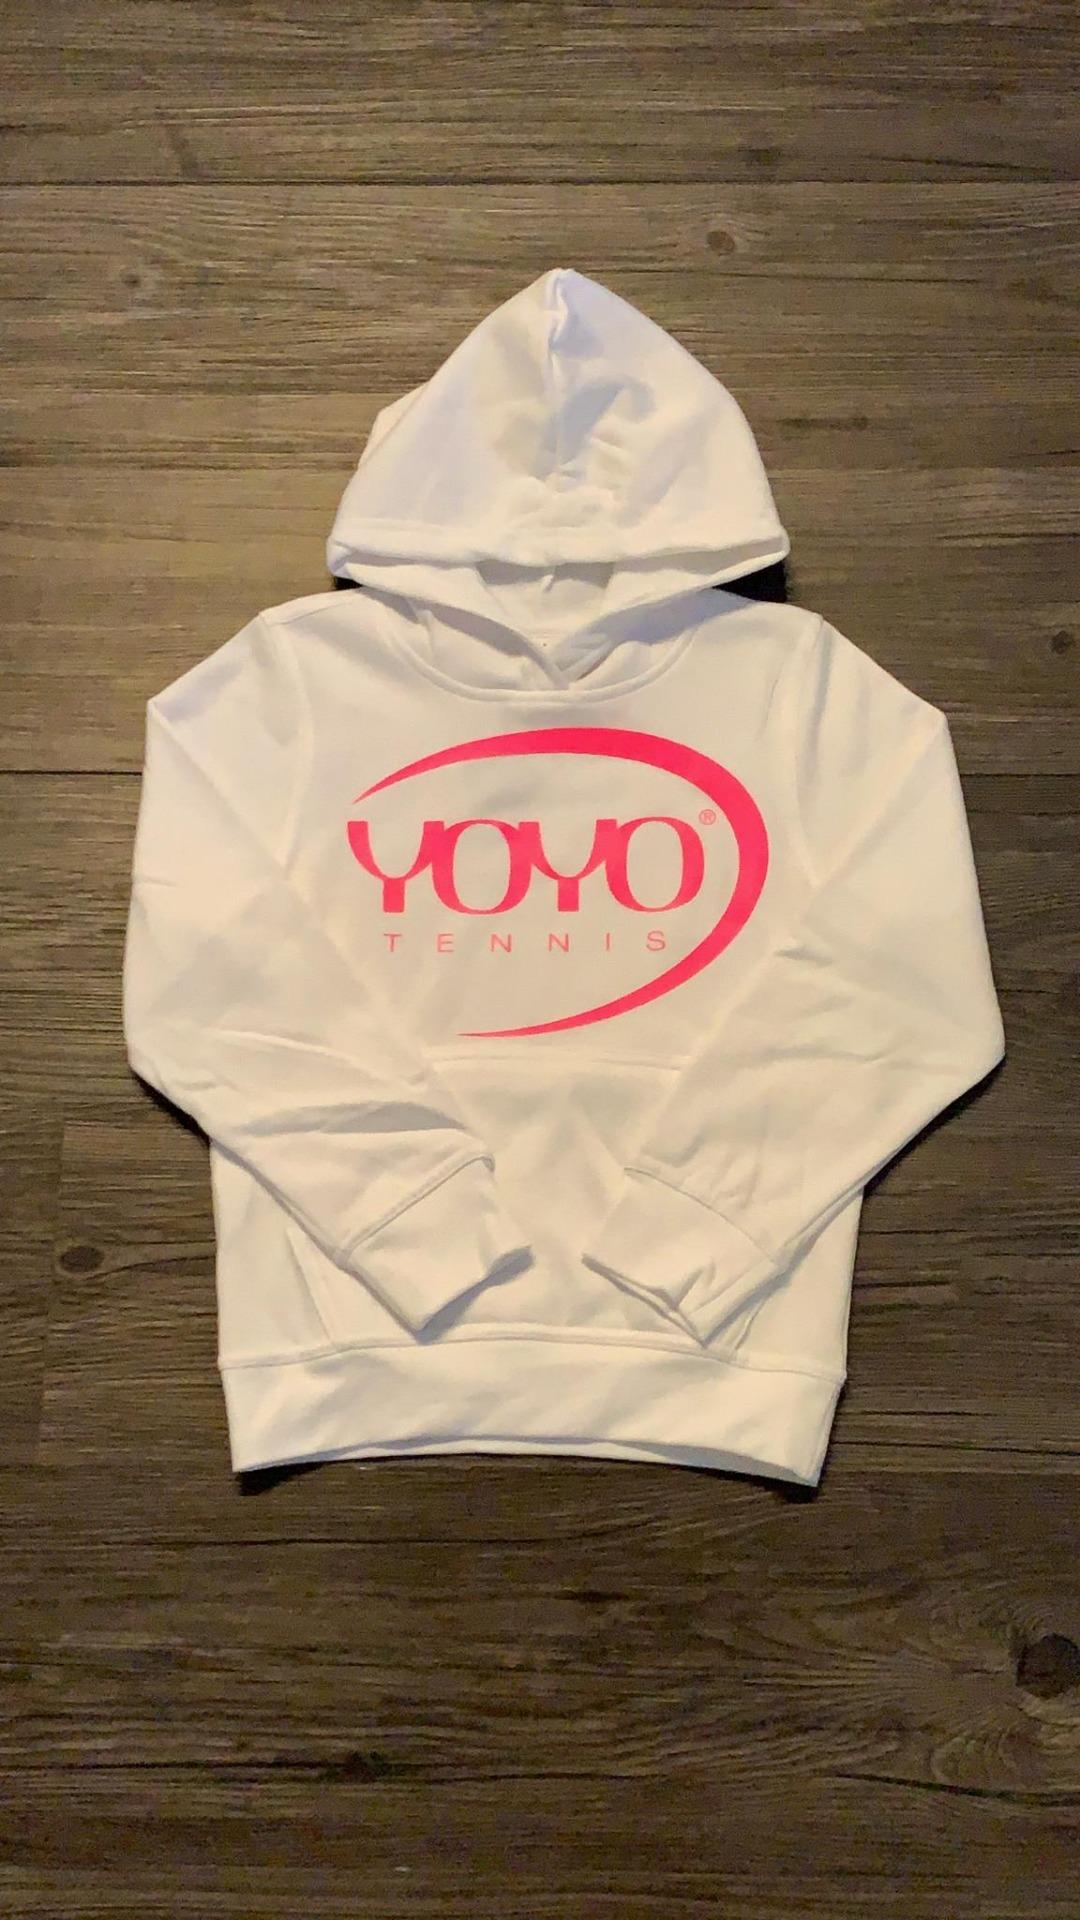 YOYO-TENNIS Hoody con Logo Rosa Bambino